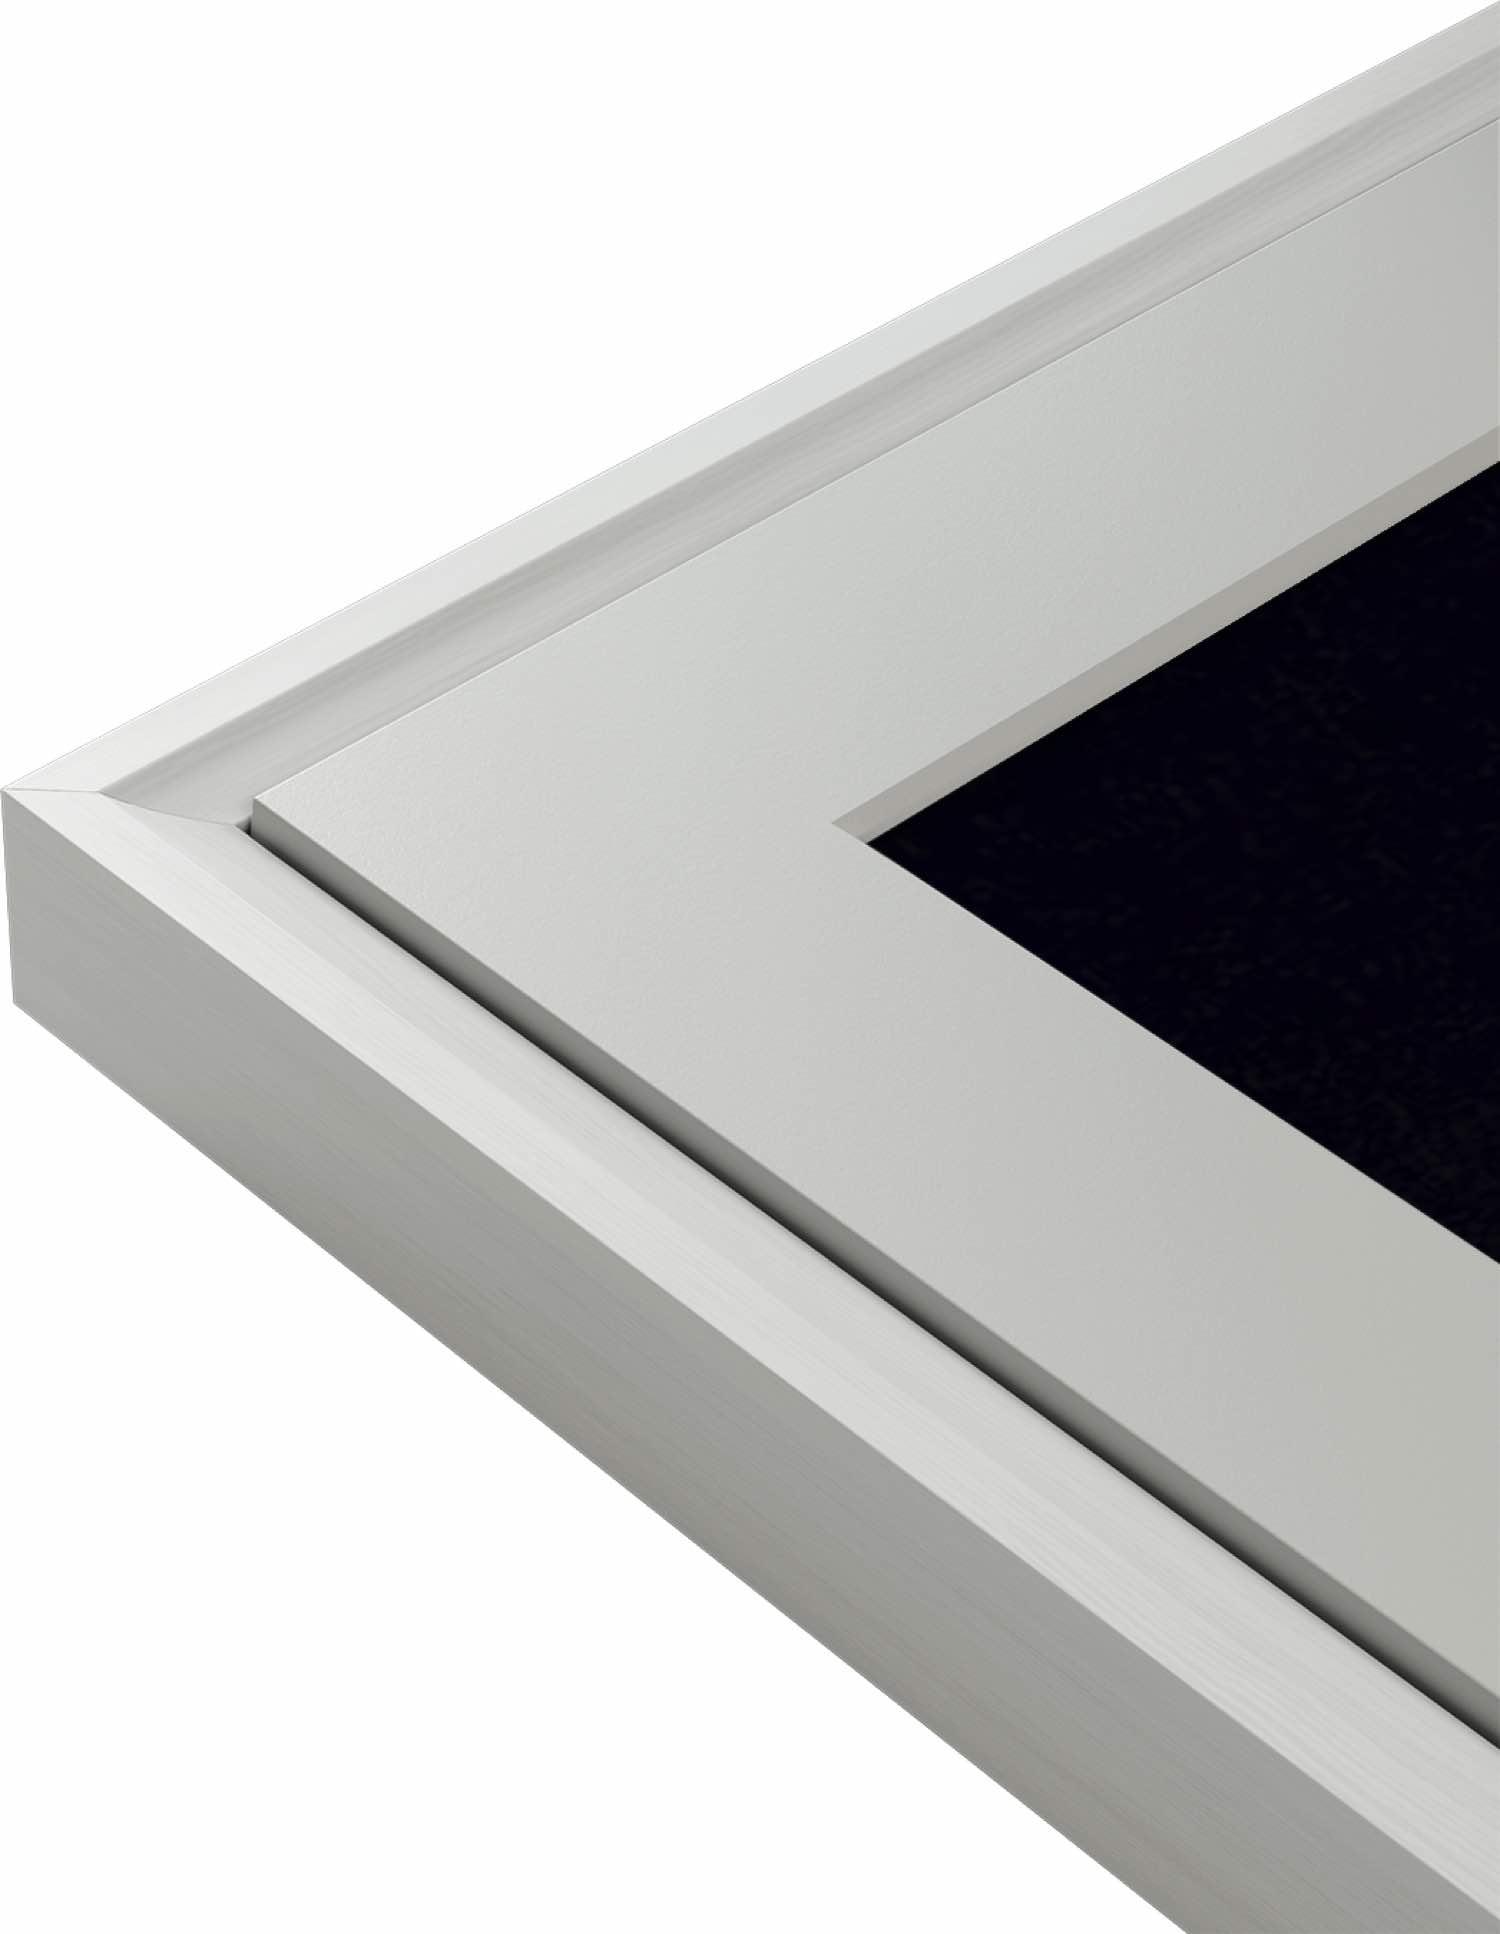 第二代 Meural Canvas II 智能藝術畫框登場  21.5 吋多色可換框